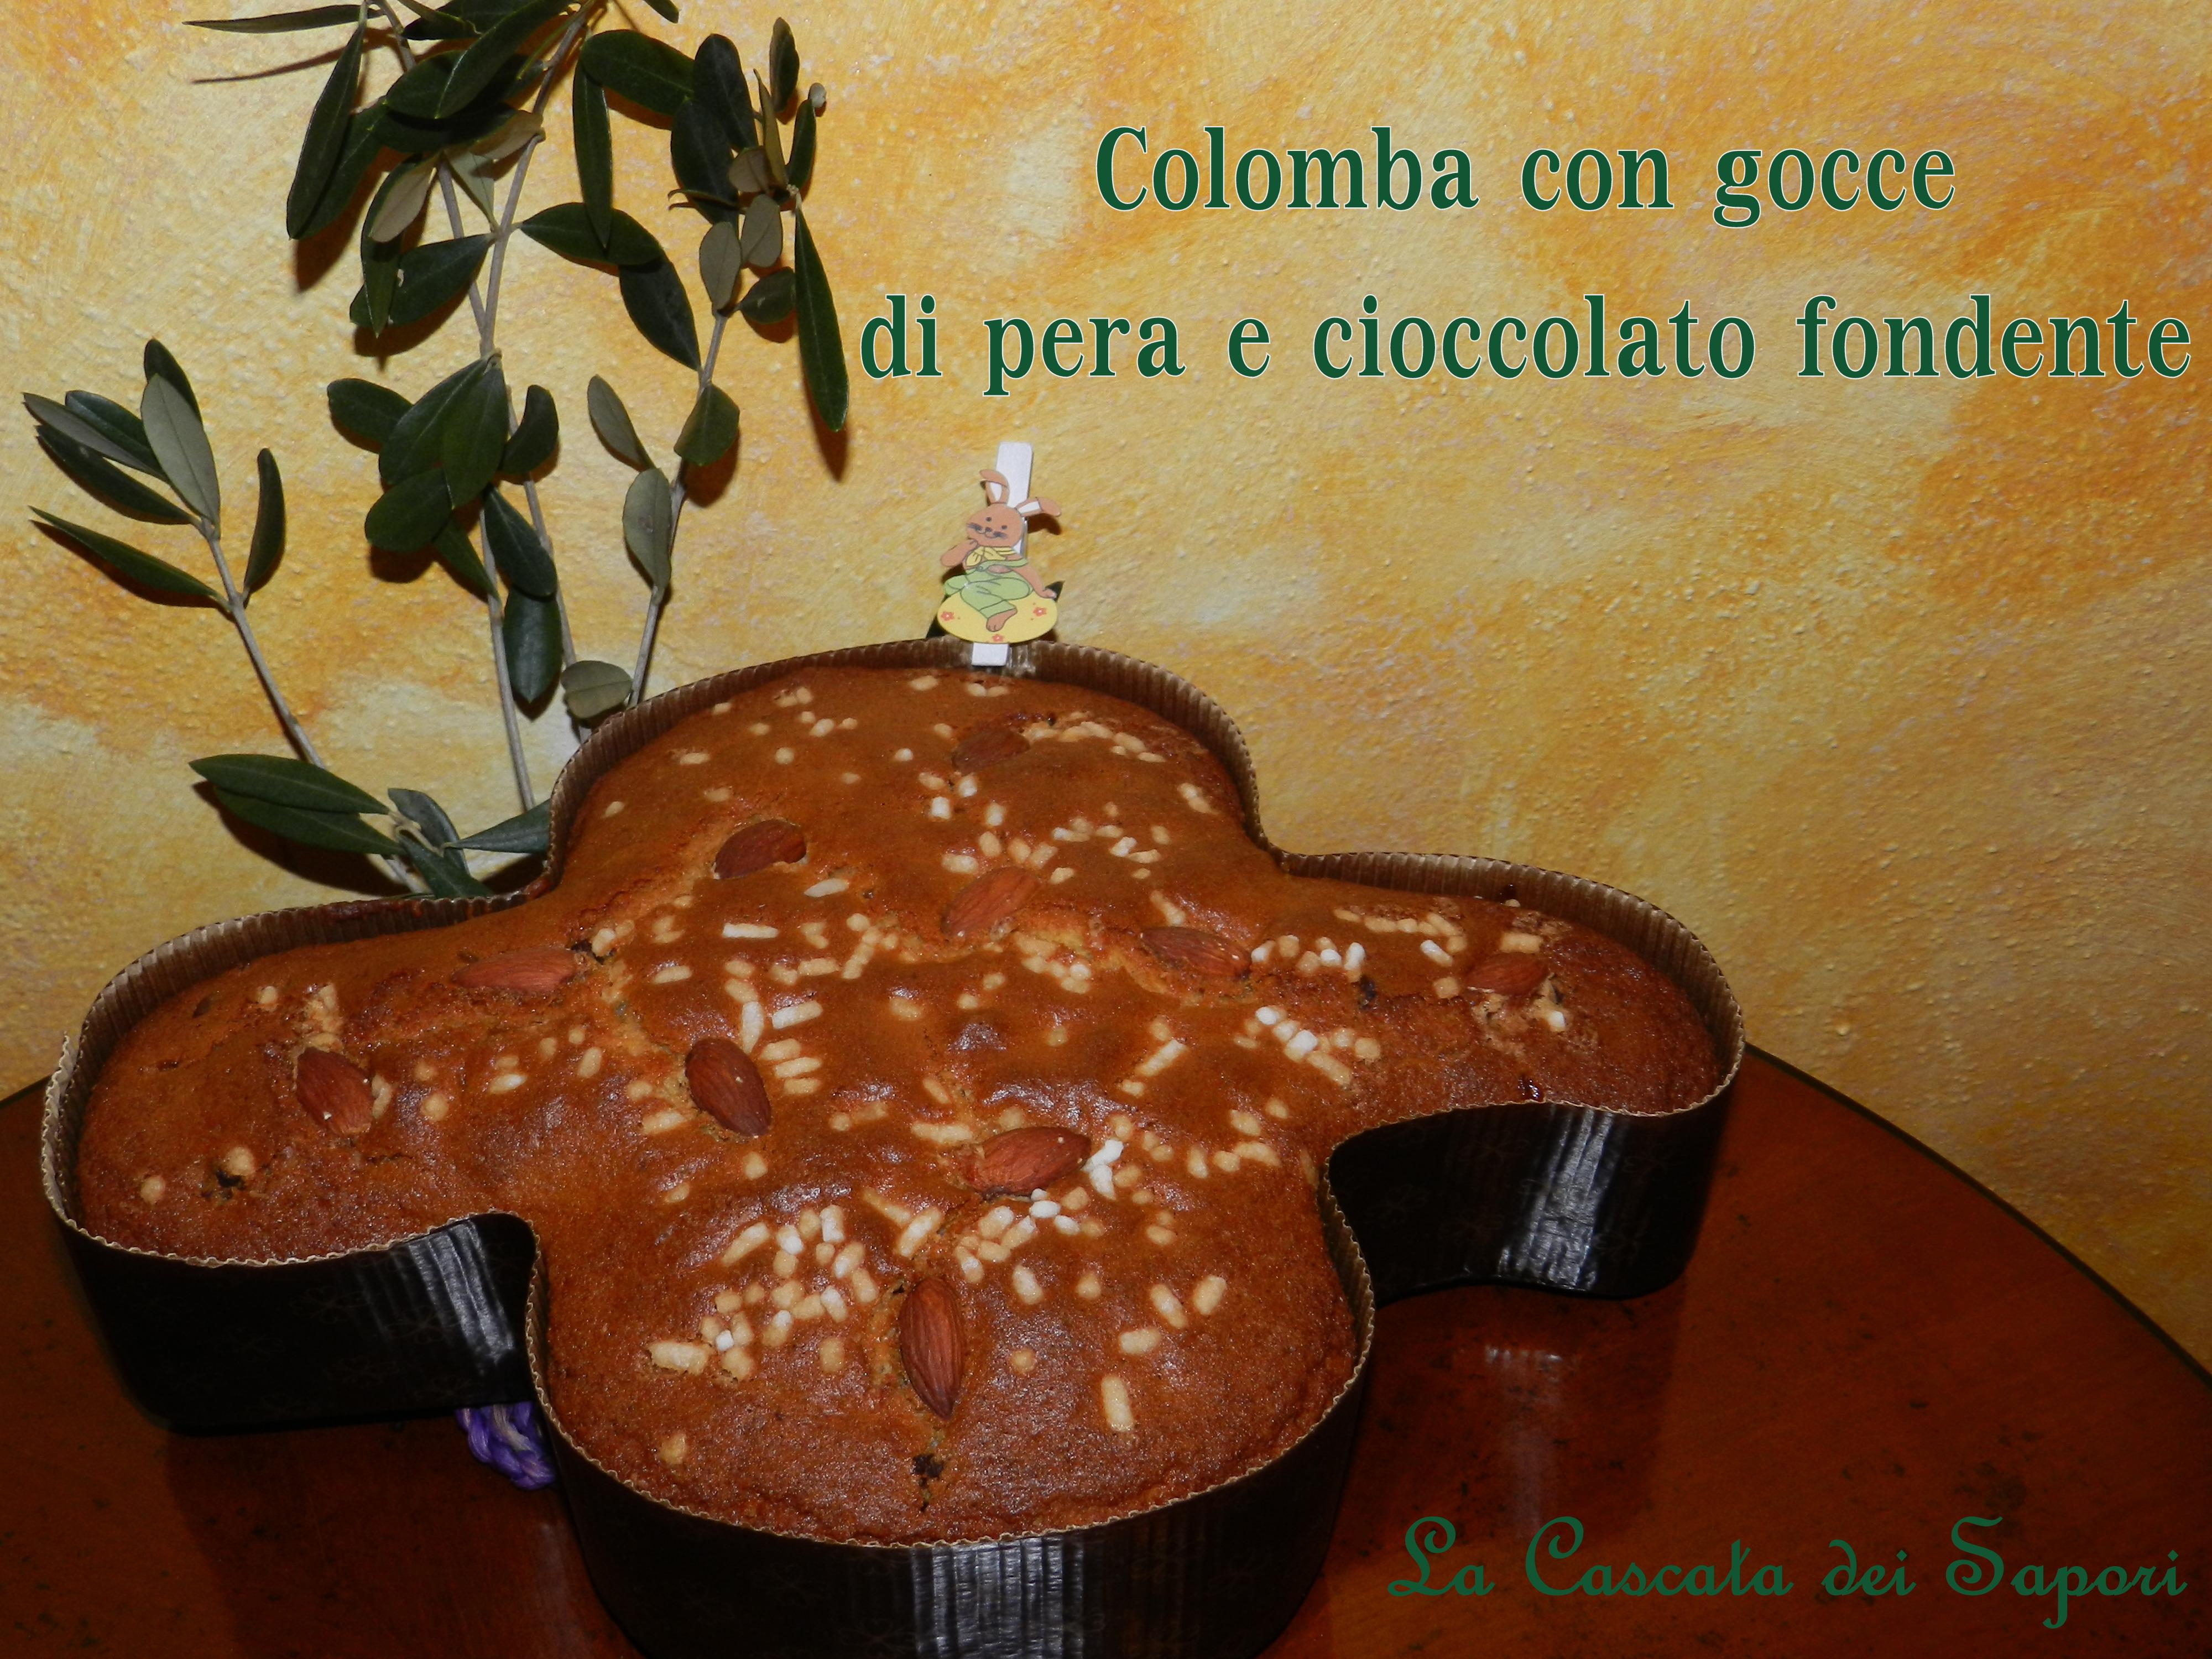 colomba con gocce di pera e cioccolato fondente